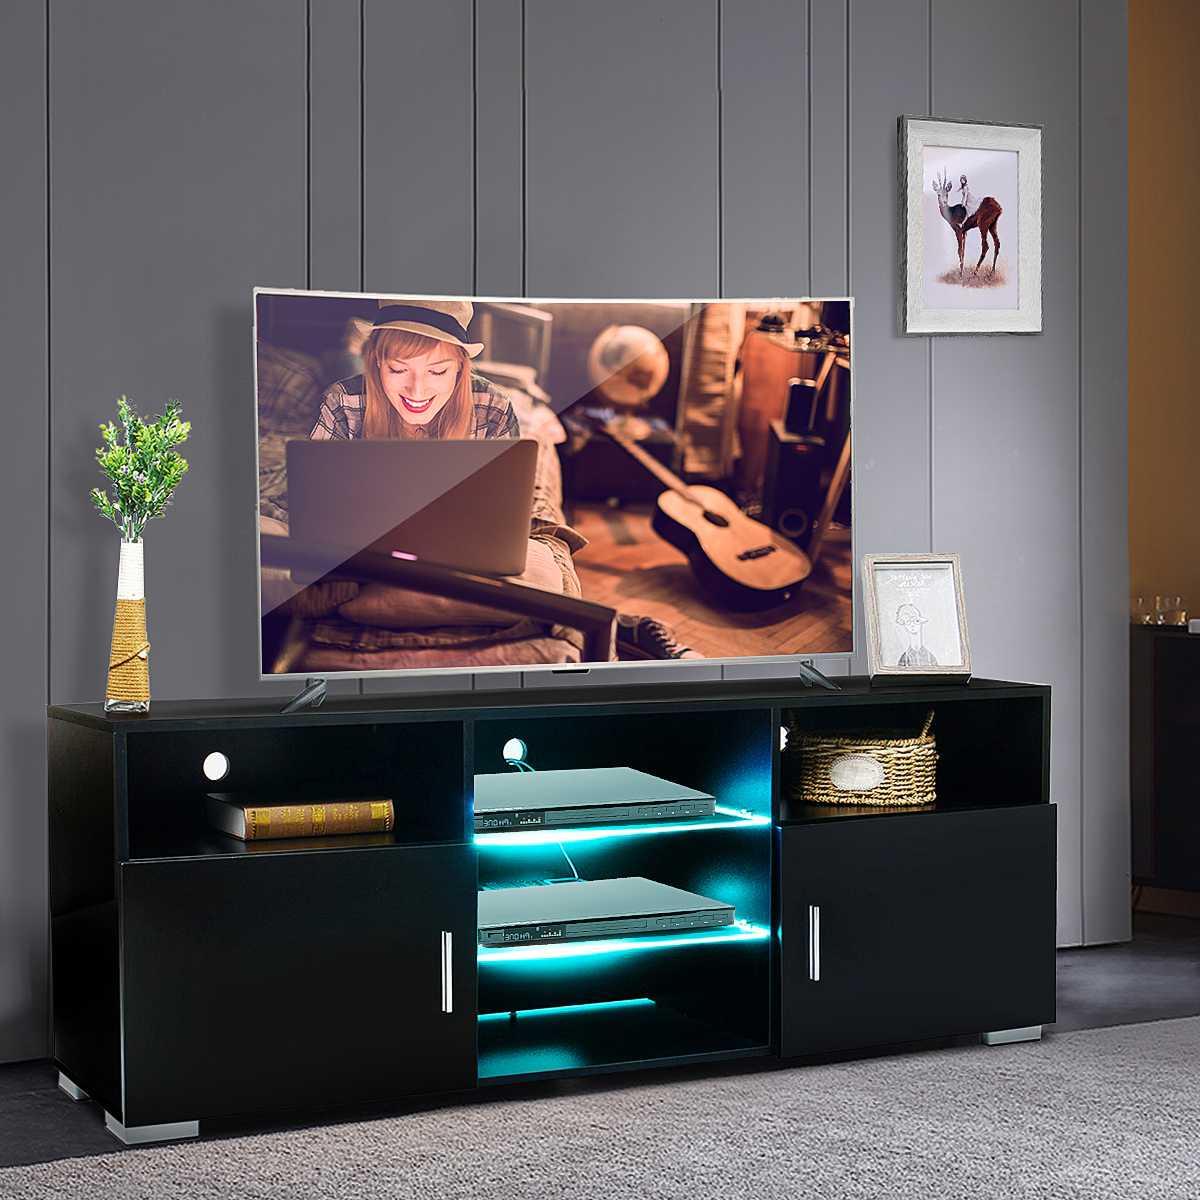 57 zoll Hochglanz Tv-ständer Schrank mit LED Licht TV Einheit Halterung Hause Eingerichtet TV Steht Wohnzimmer Möbel UNS Verschiffen